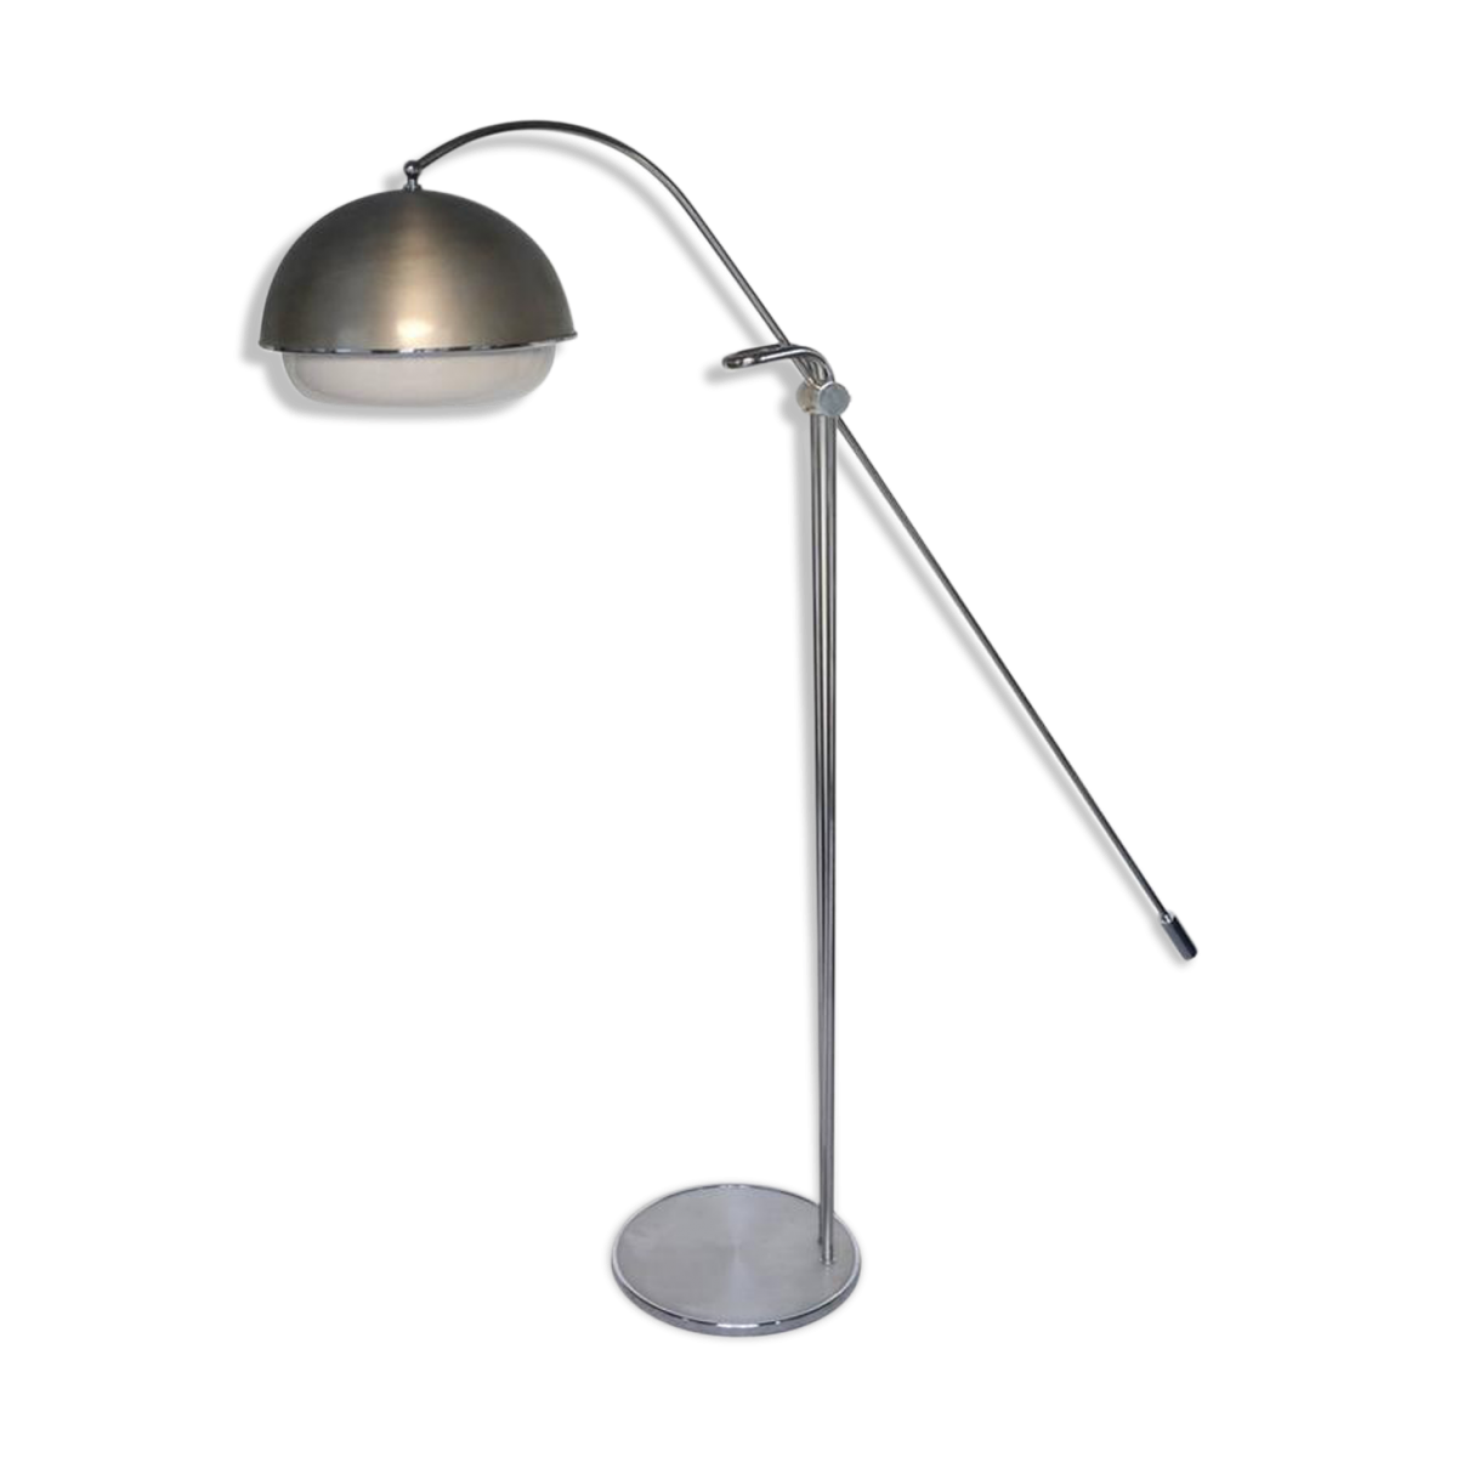 Lampadaire chromé de Iguzzini, années 60